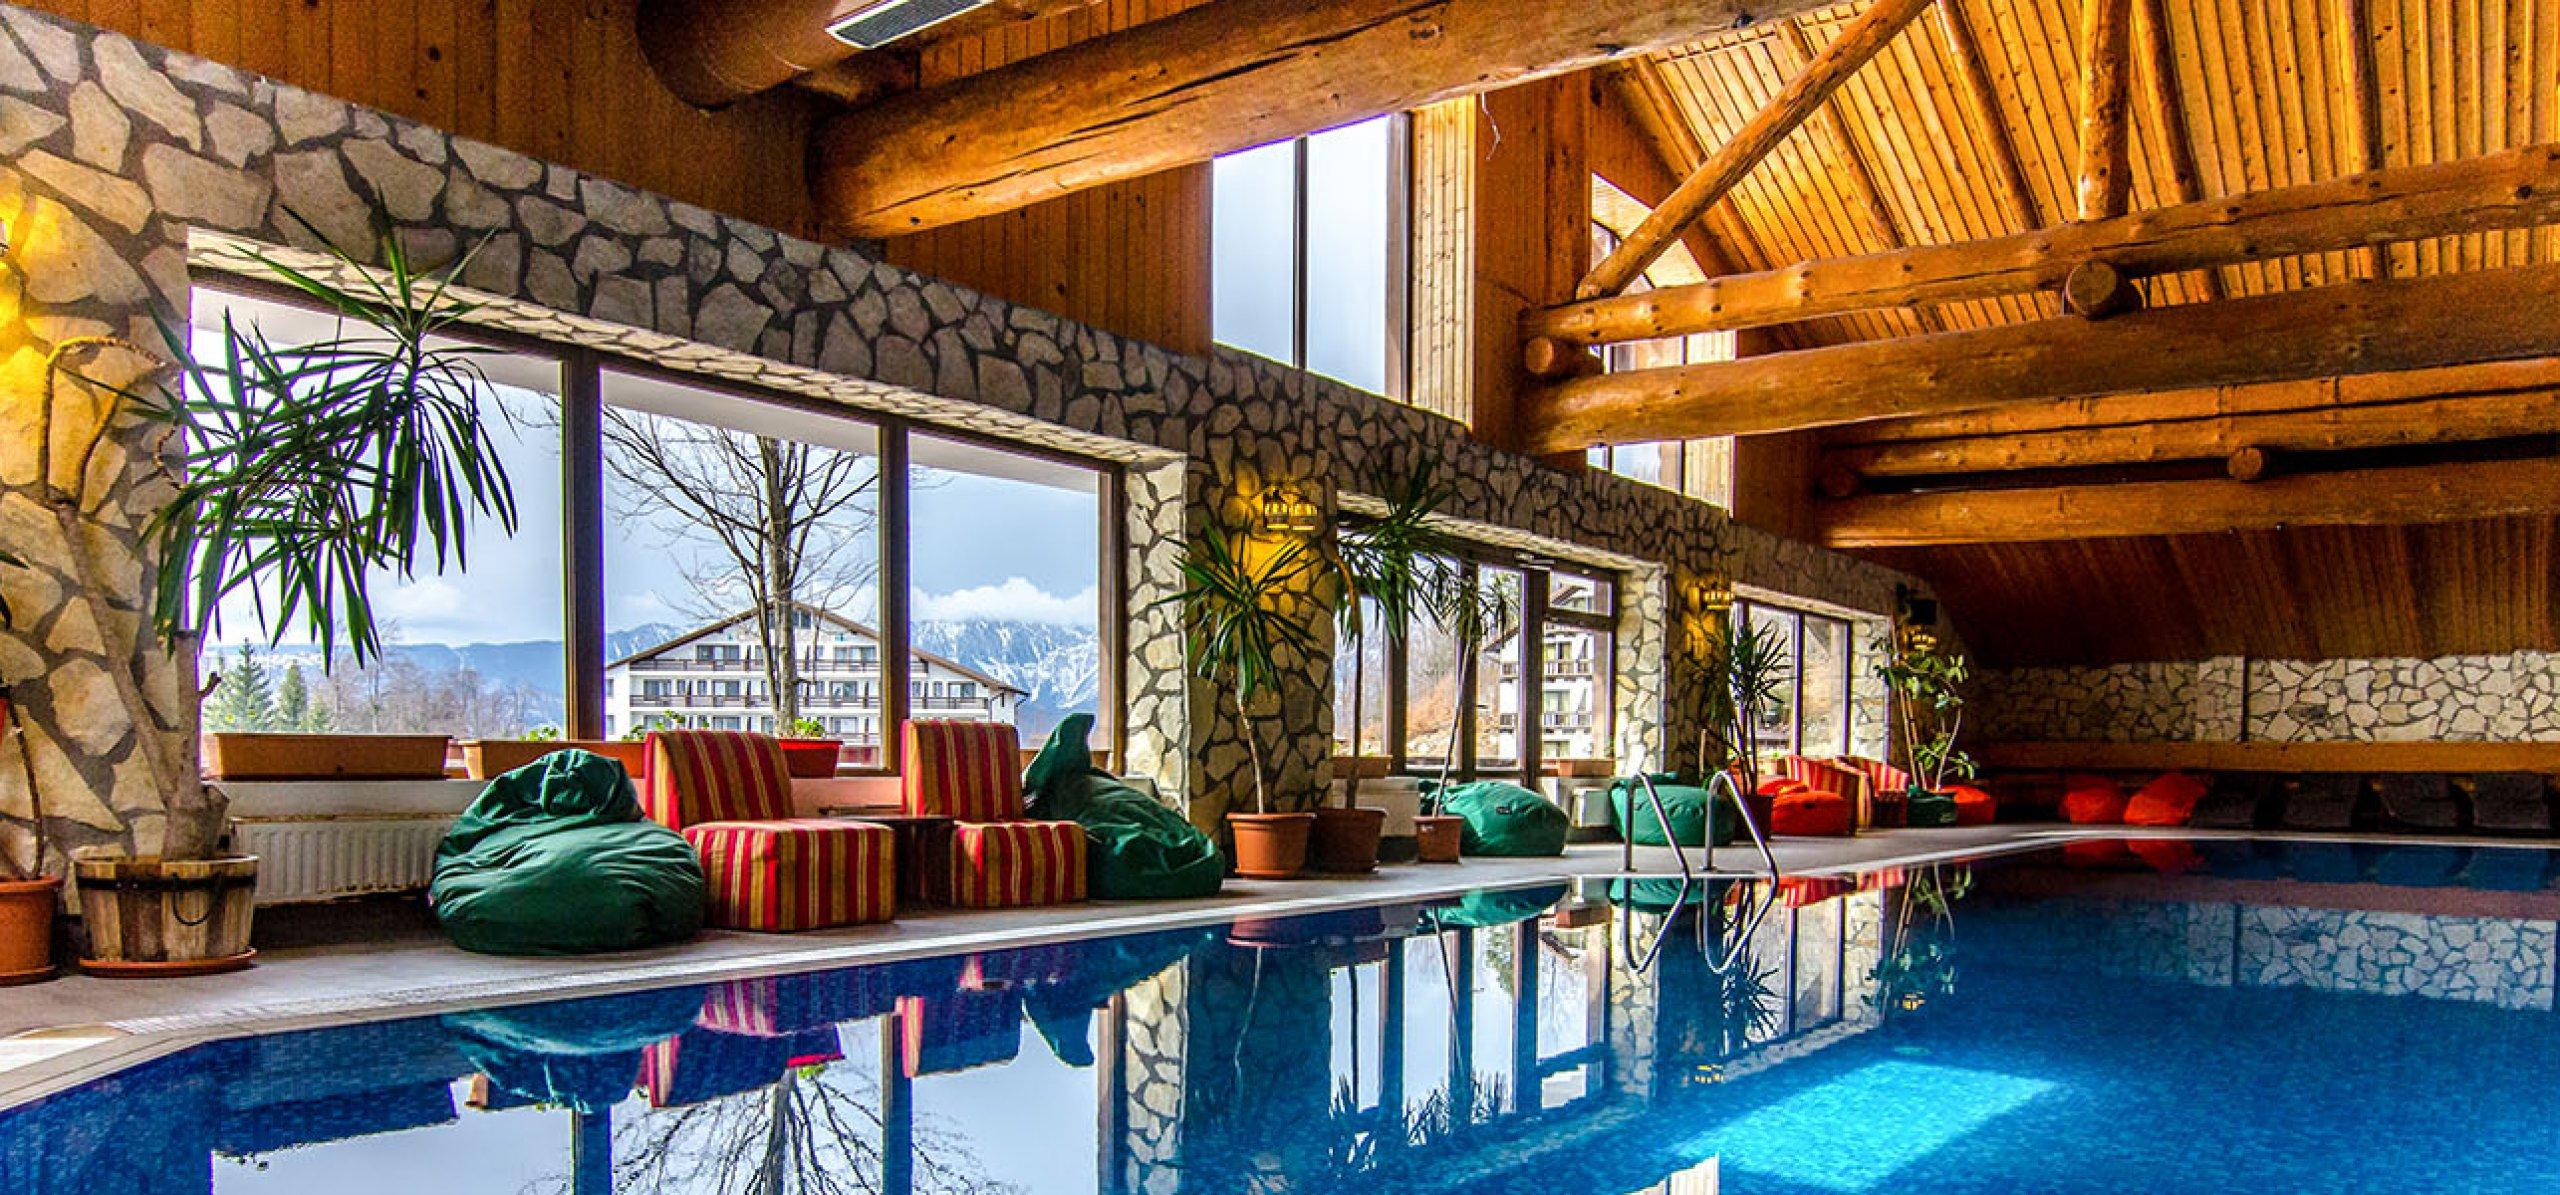 piscina-cu-vedere-panoramica-hotel-bucegi